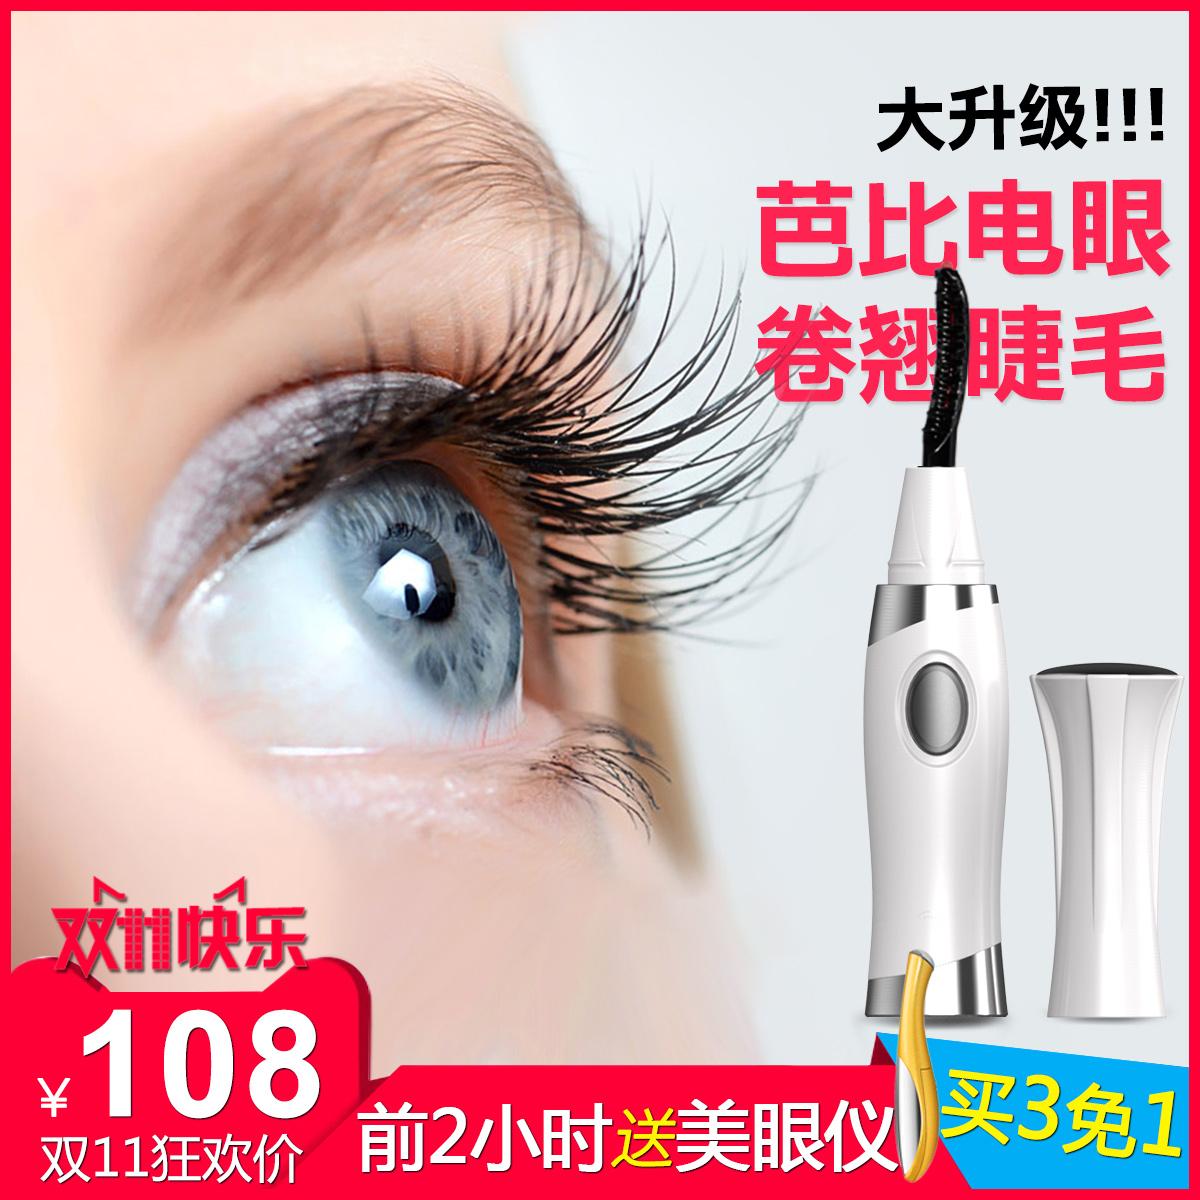 致美美睫器睫毛夹卷翘器电热睫毛器电烫持久电动迷你充电出口日本